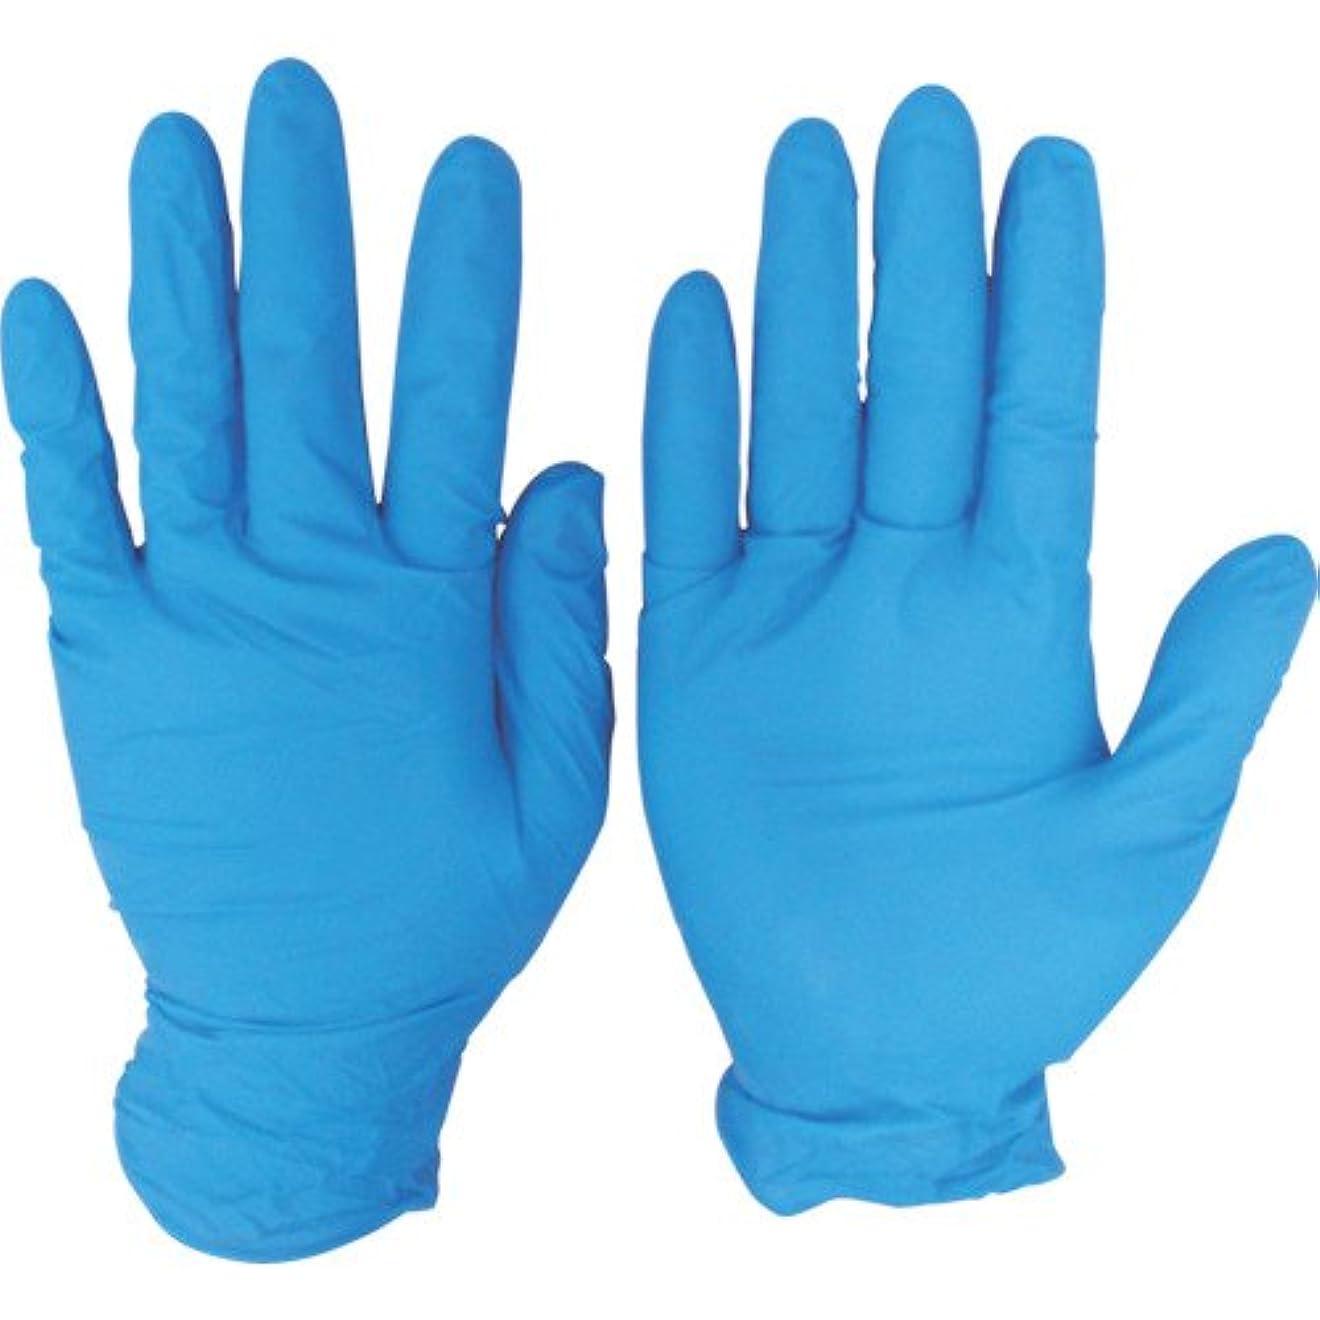 伸ばす安定しました疑問を超えてシンガー ニトリルディスポグローブ(手袋) No.810 ブルー パウダーフリー(100枚) M